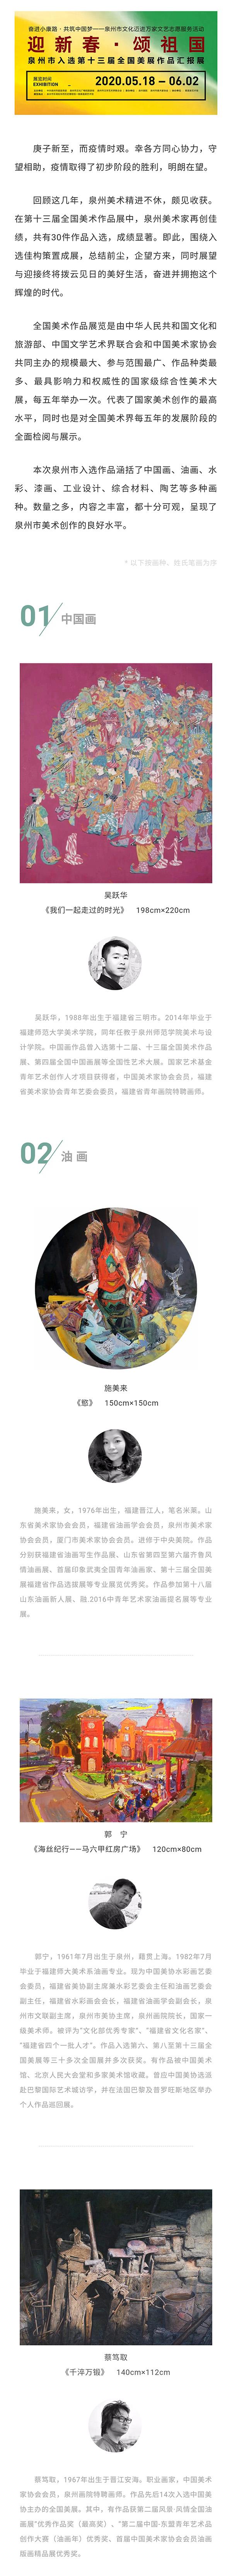 迎新春·颂祖国——泉州市入选第十三届全国美展作品汇报展 拼1 缩图